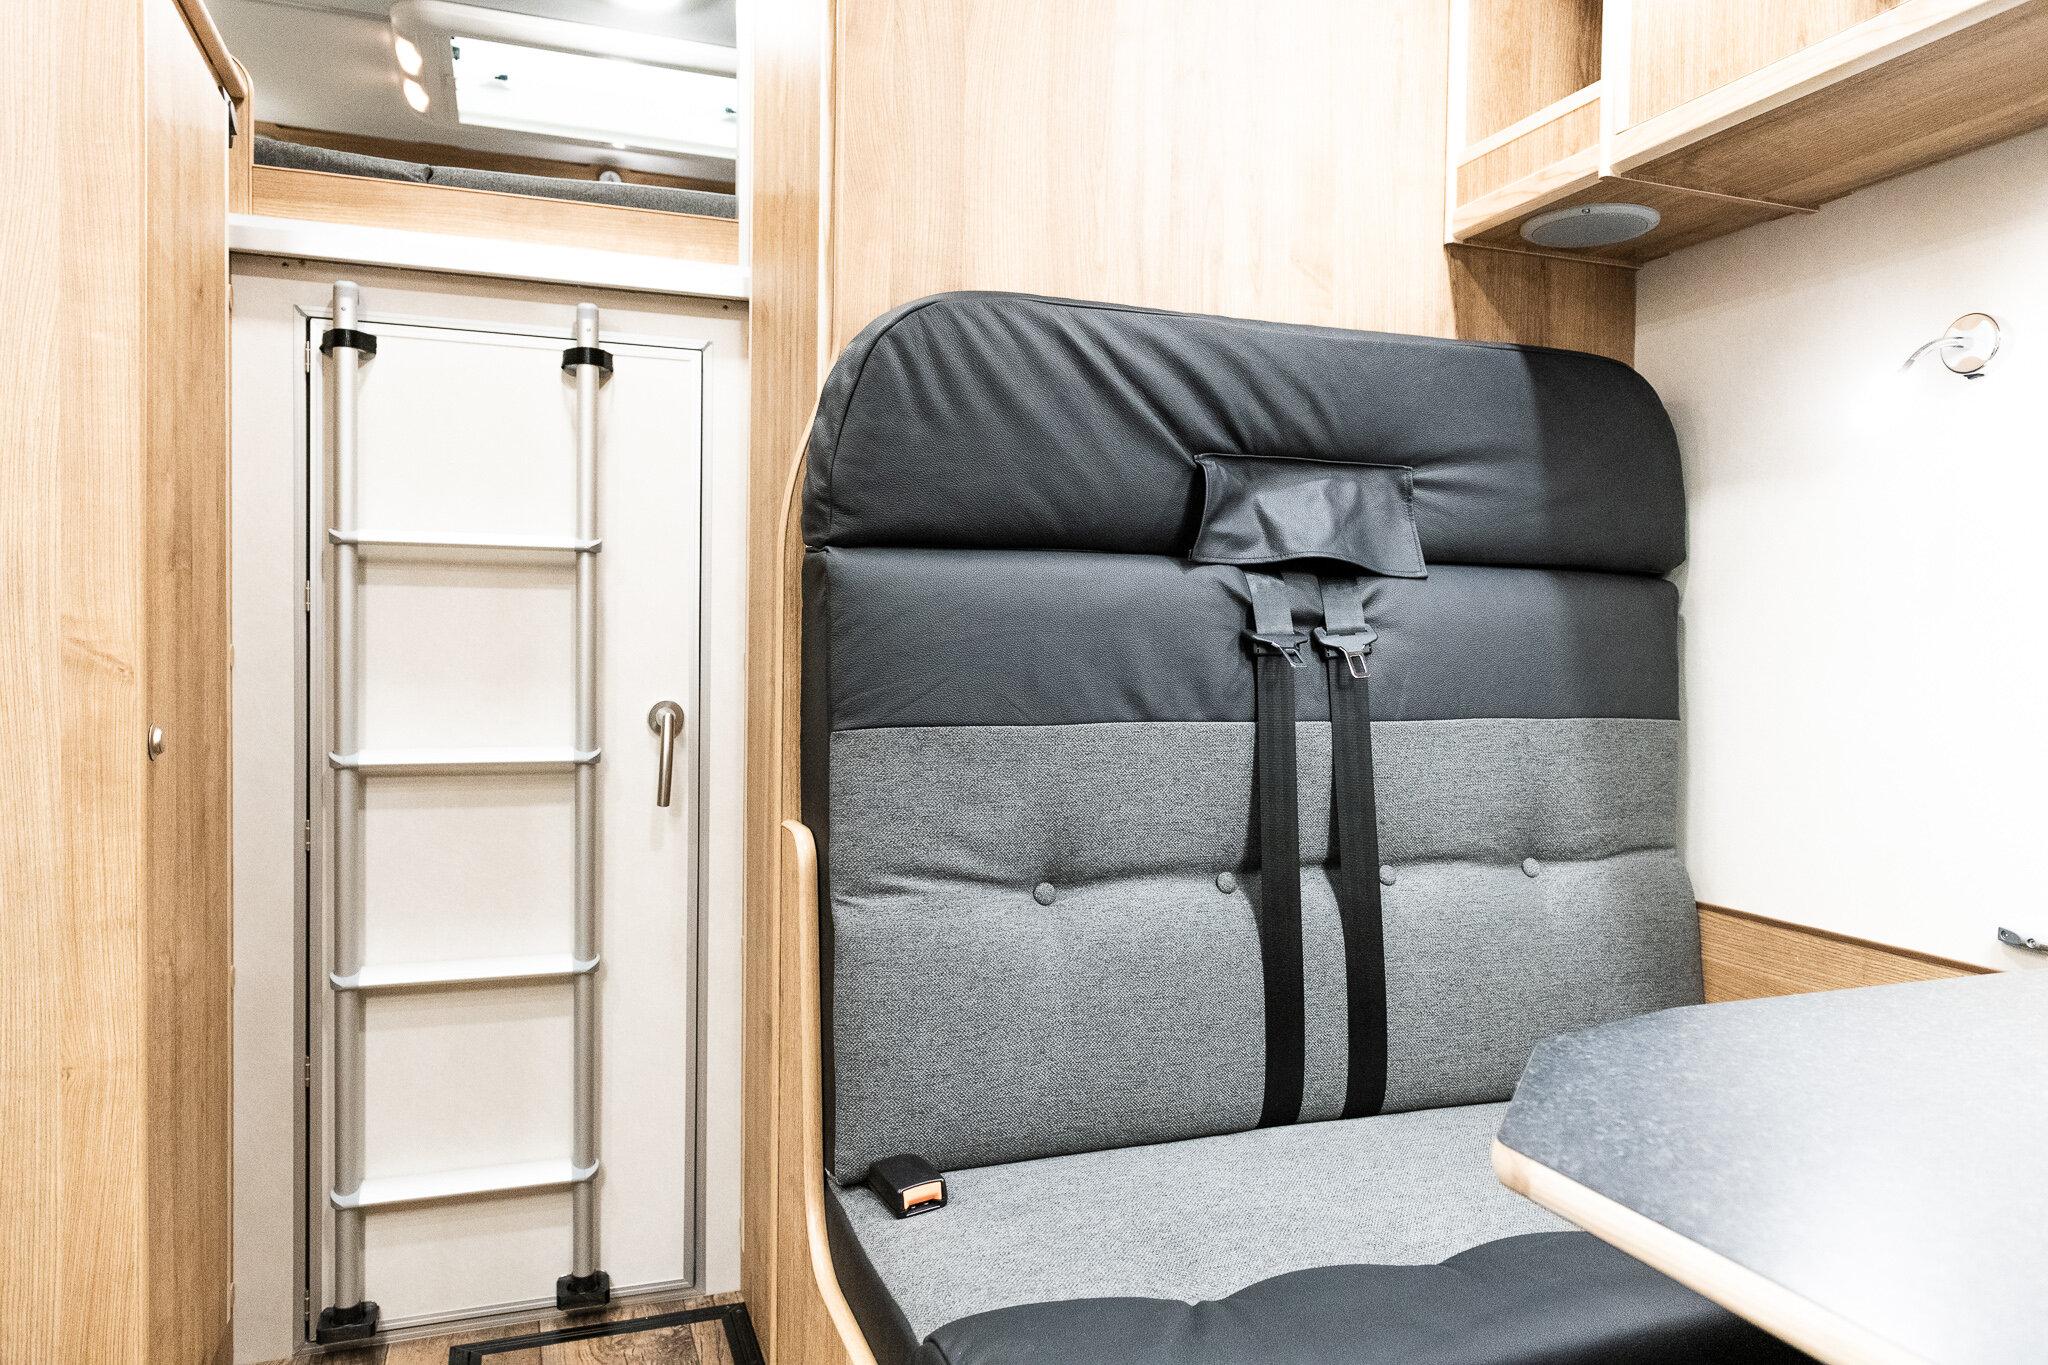 Wohnraum Beispiel Wohnwagen